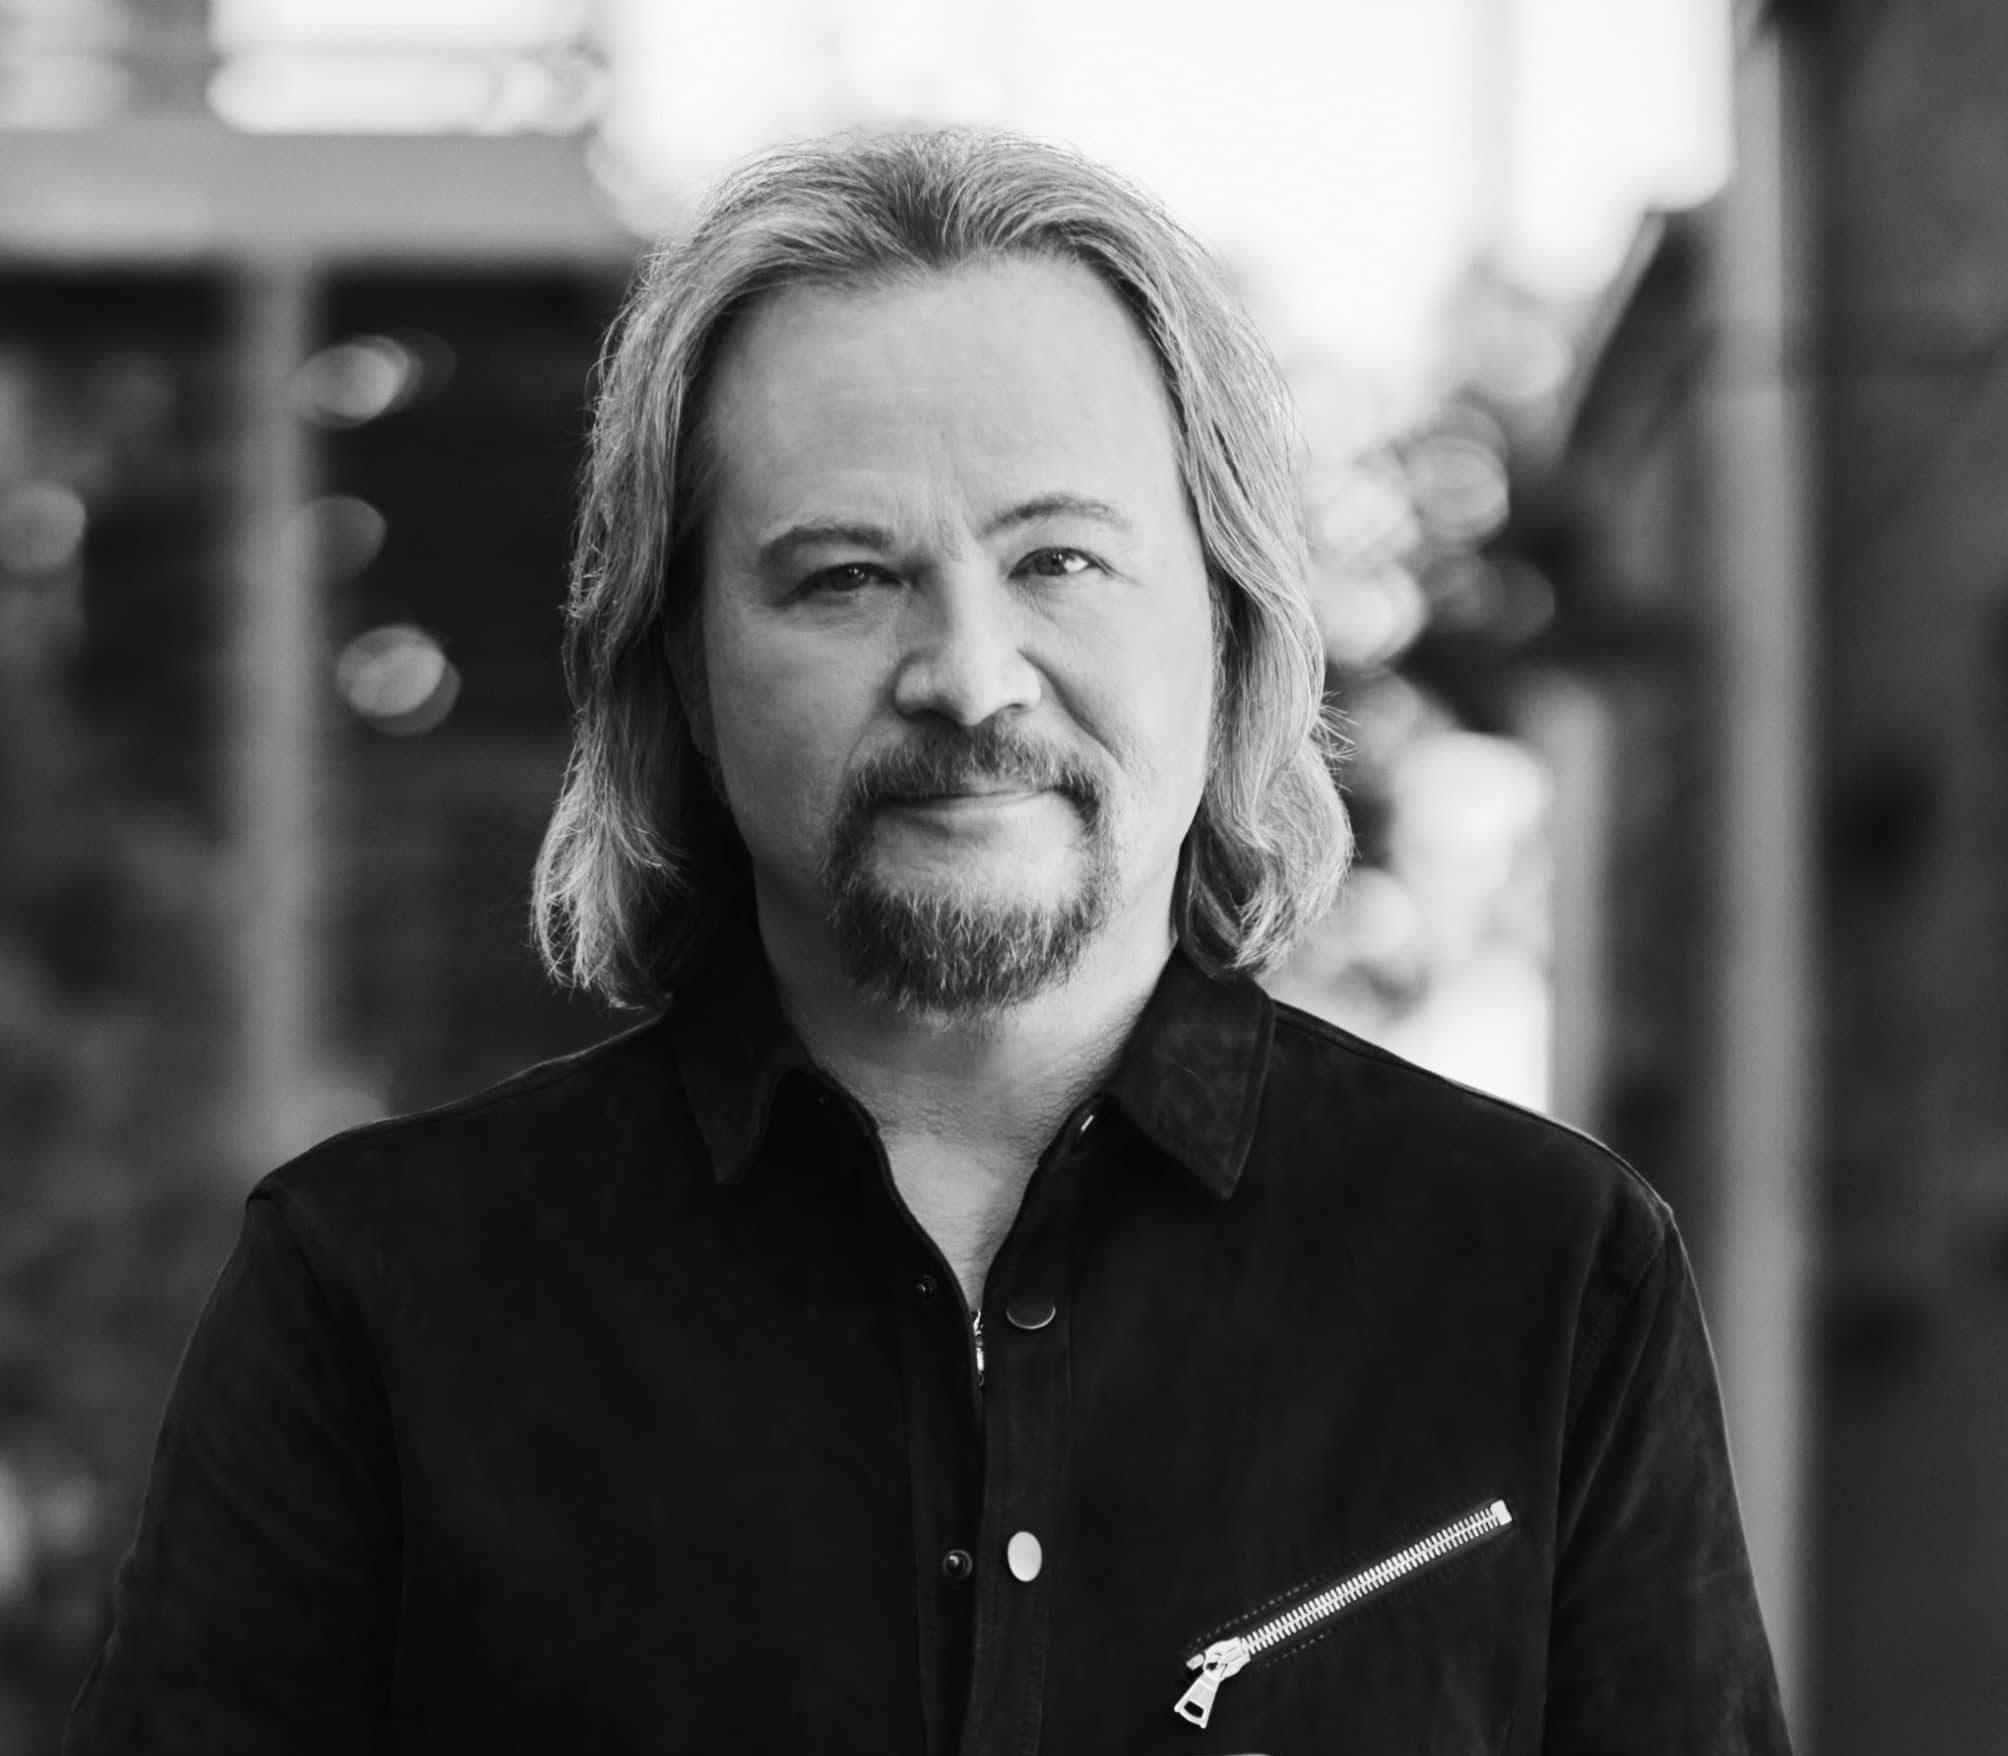 Travis Tritt til Nordens største Countryfestival i Seljord 29. juli 2022